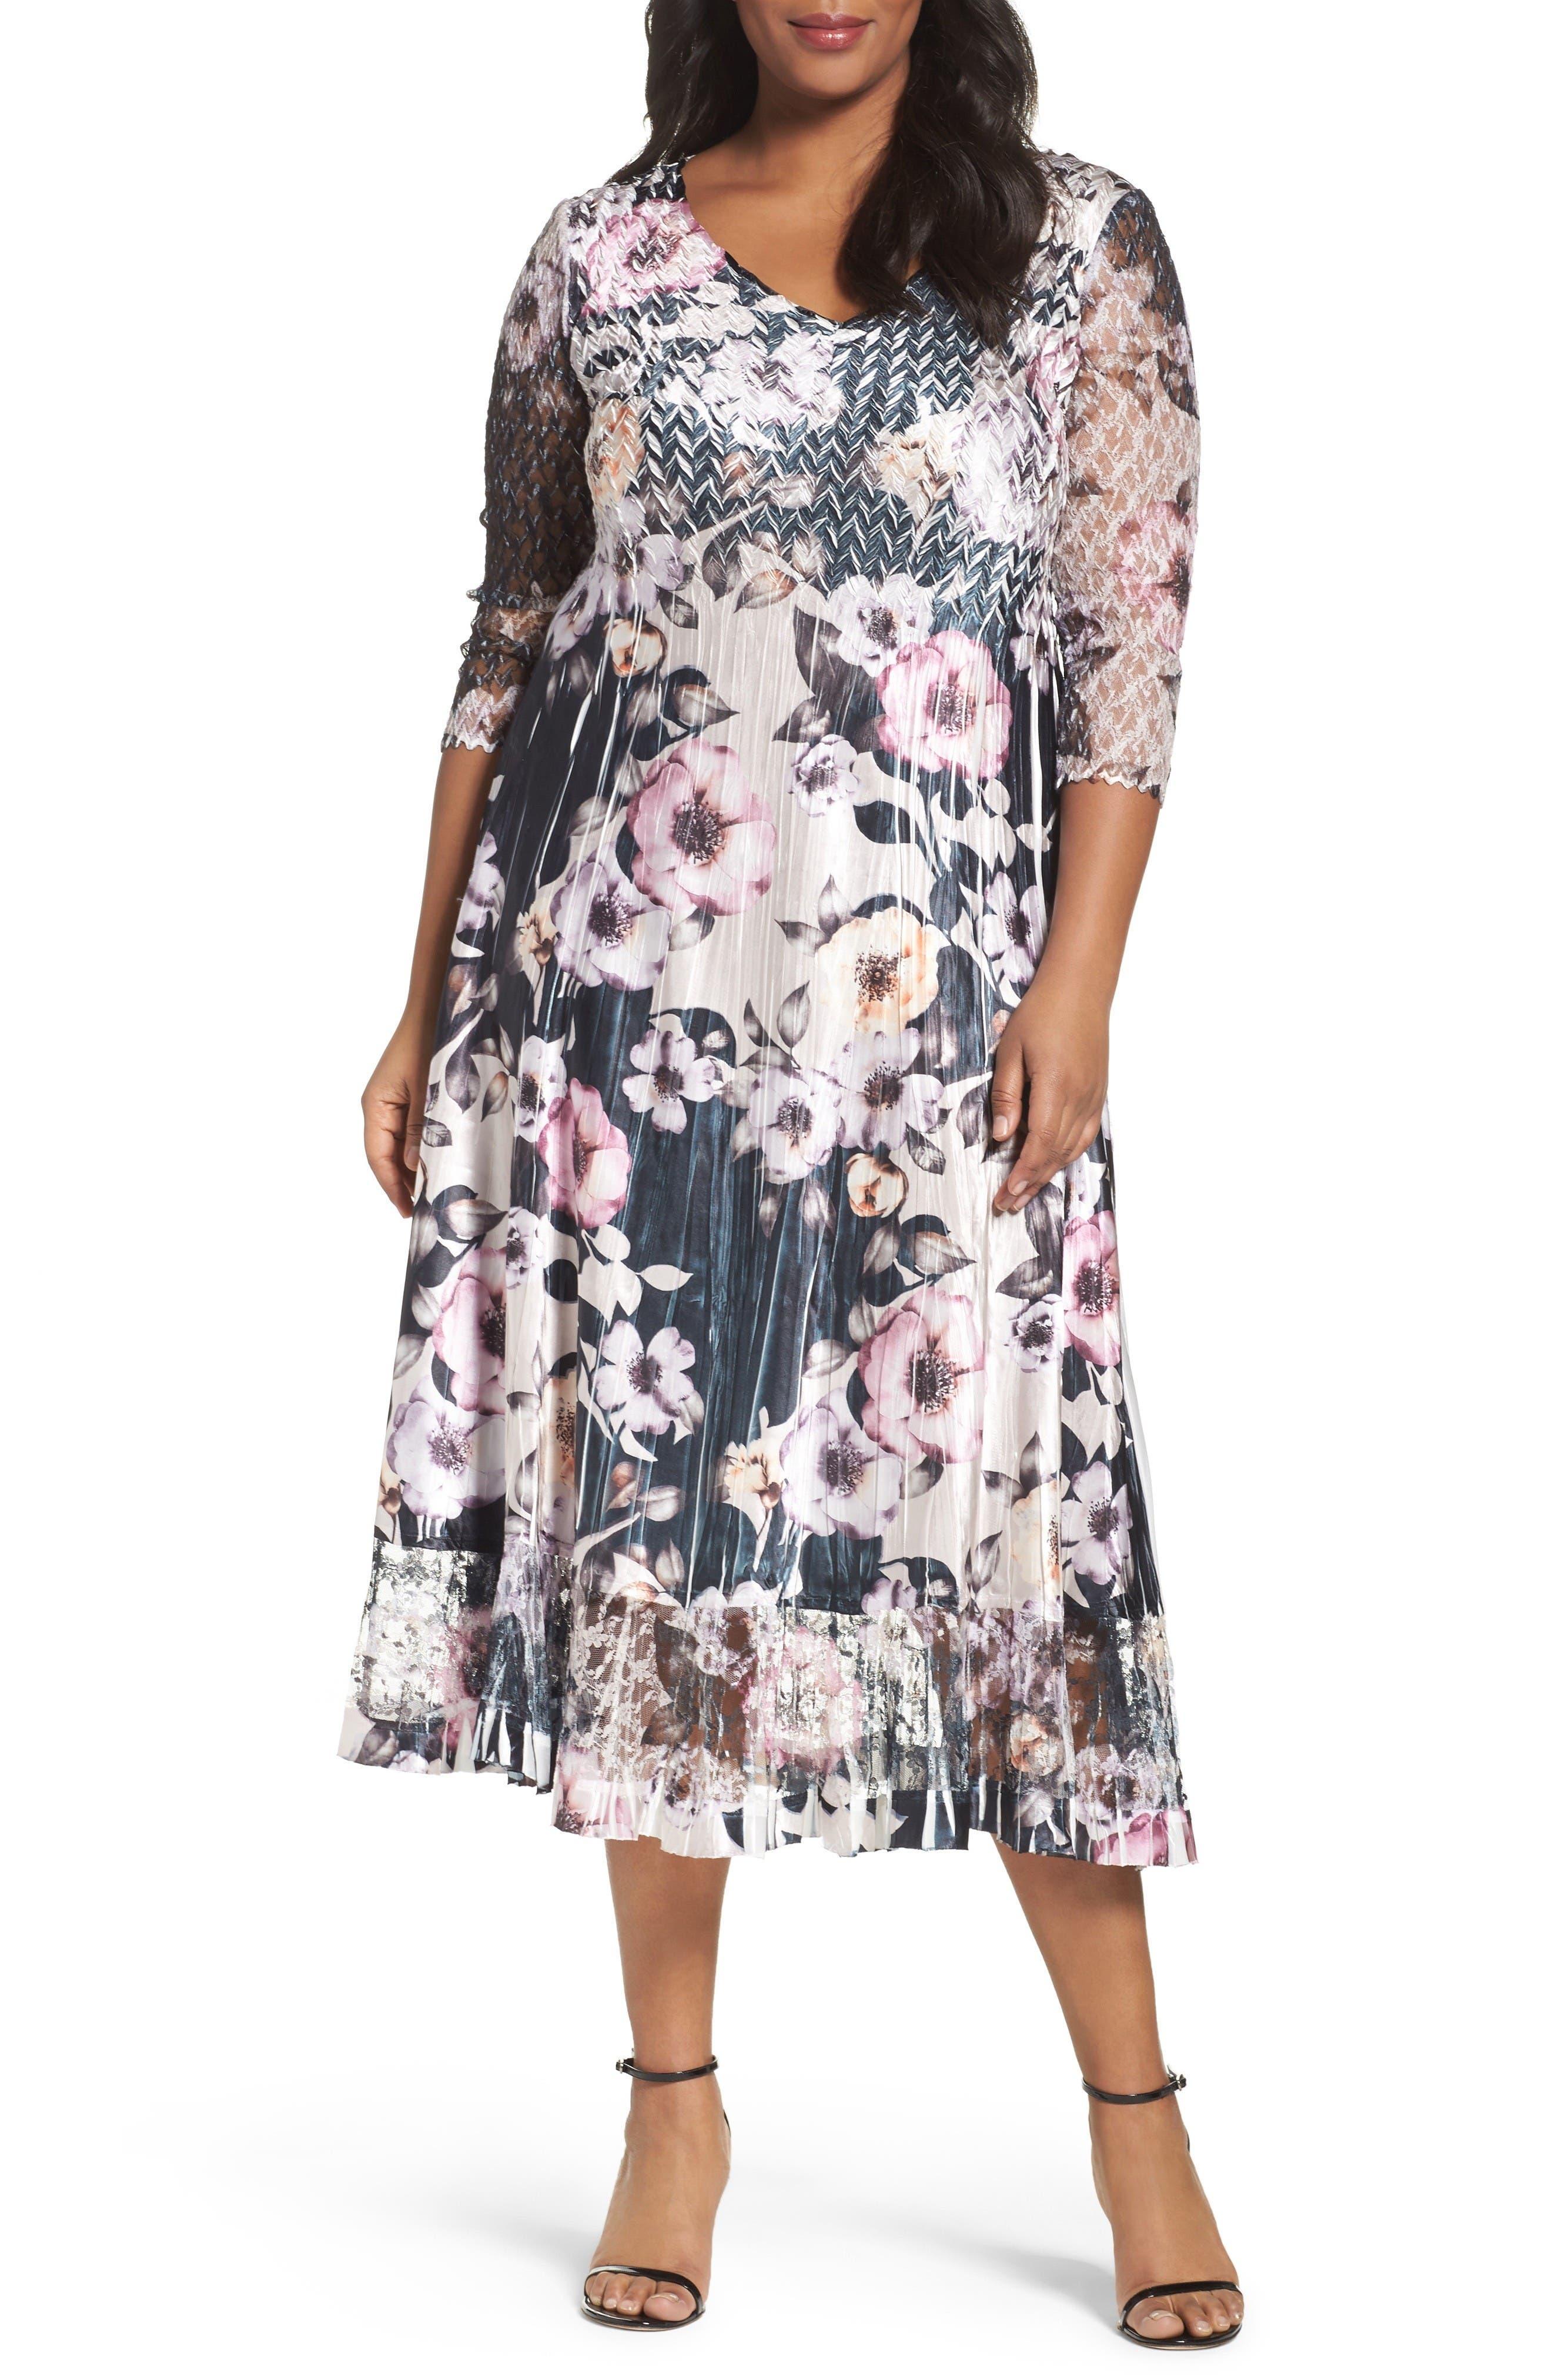 Main Image - Komarov Print Lace & Charmeuse Dress (Plus Size)